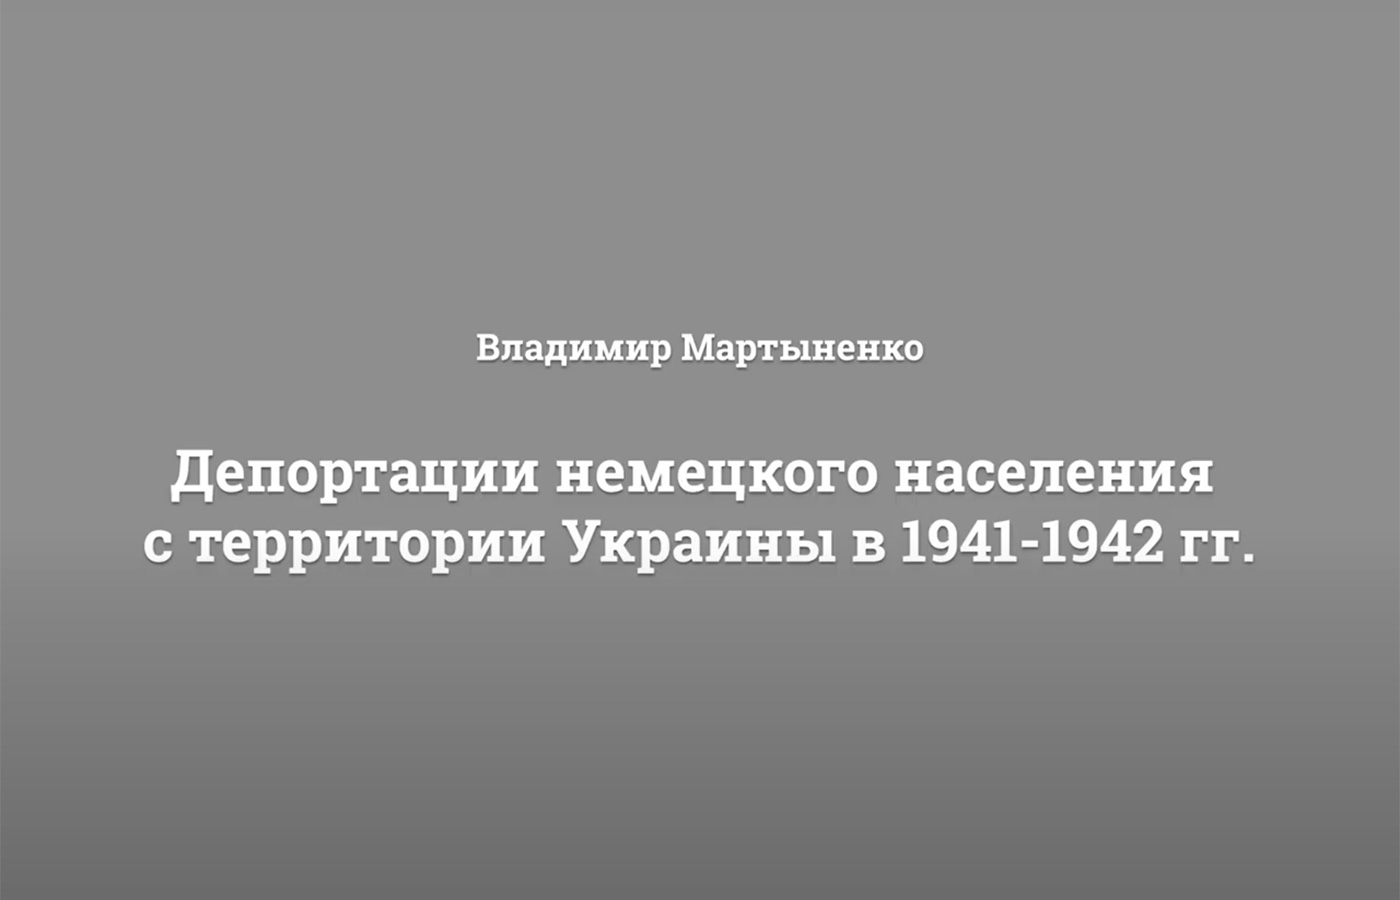 СМОТРИТЕ ВИДЕО: Лекция Владимира Мартыненко «Депортации немецкого населения с территории Украины в 1941-1942 гг».